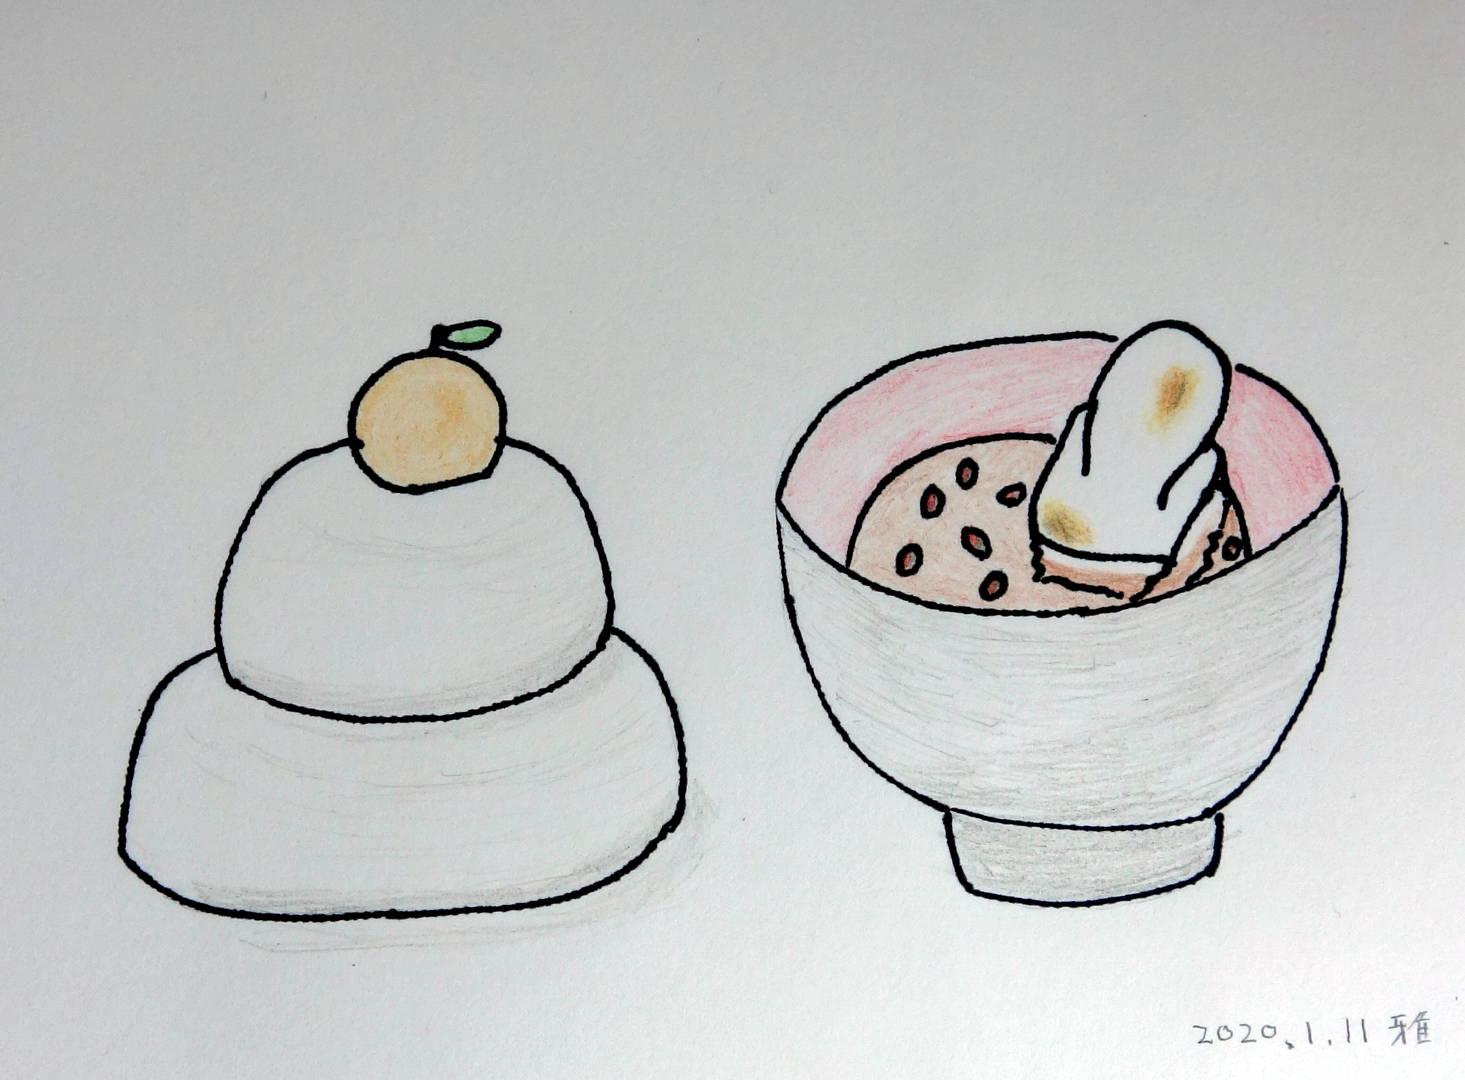 左には2段の鏡餅にだいだいが乗っている、右には漆塗りのお椀に粒あんのぜんざいに焼けたお餅が盛られている